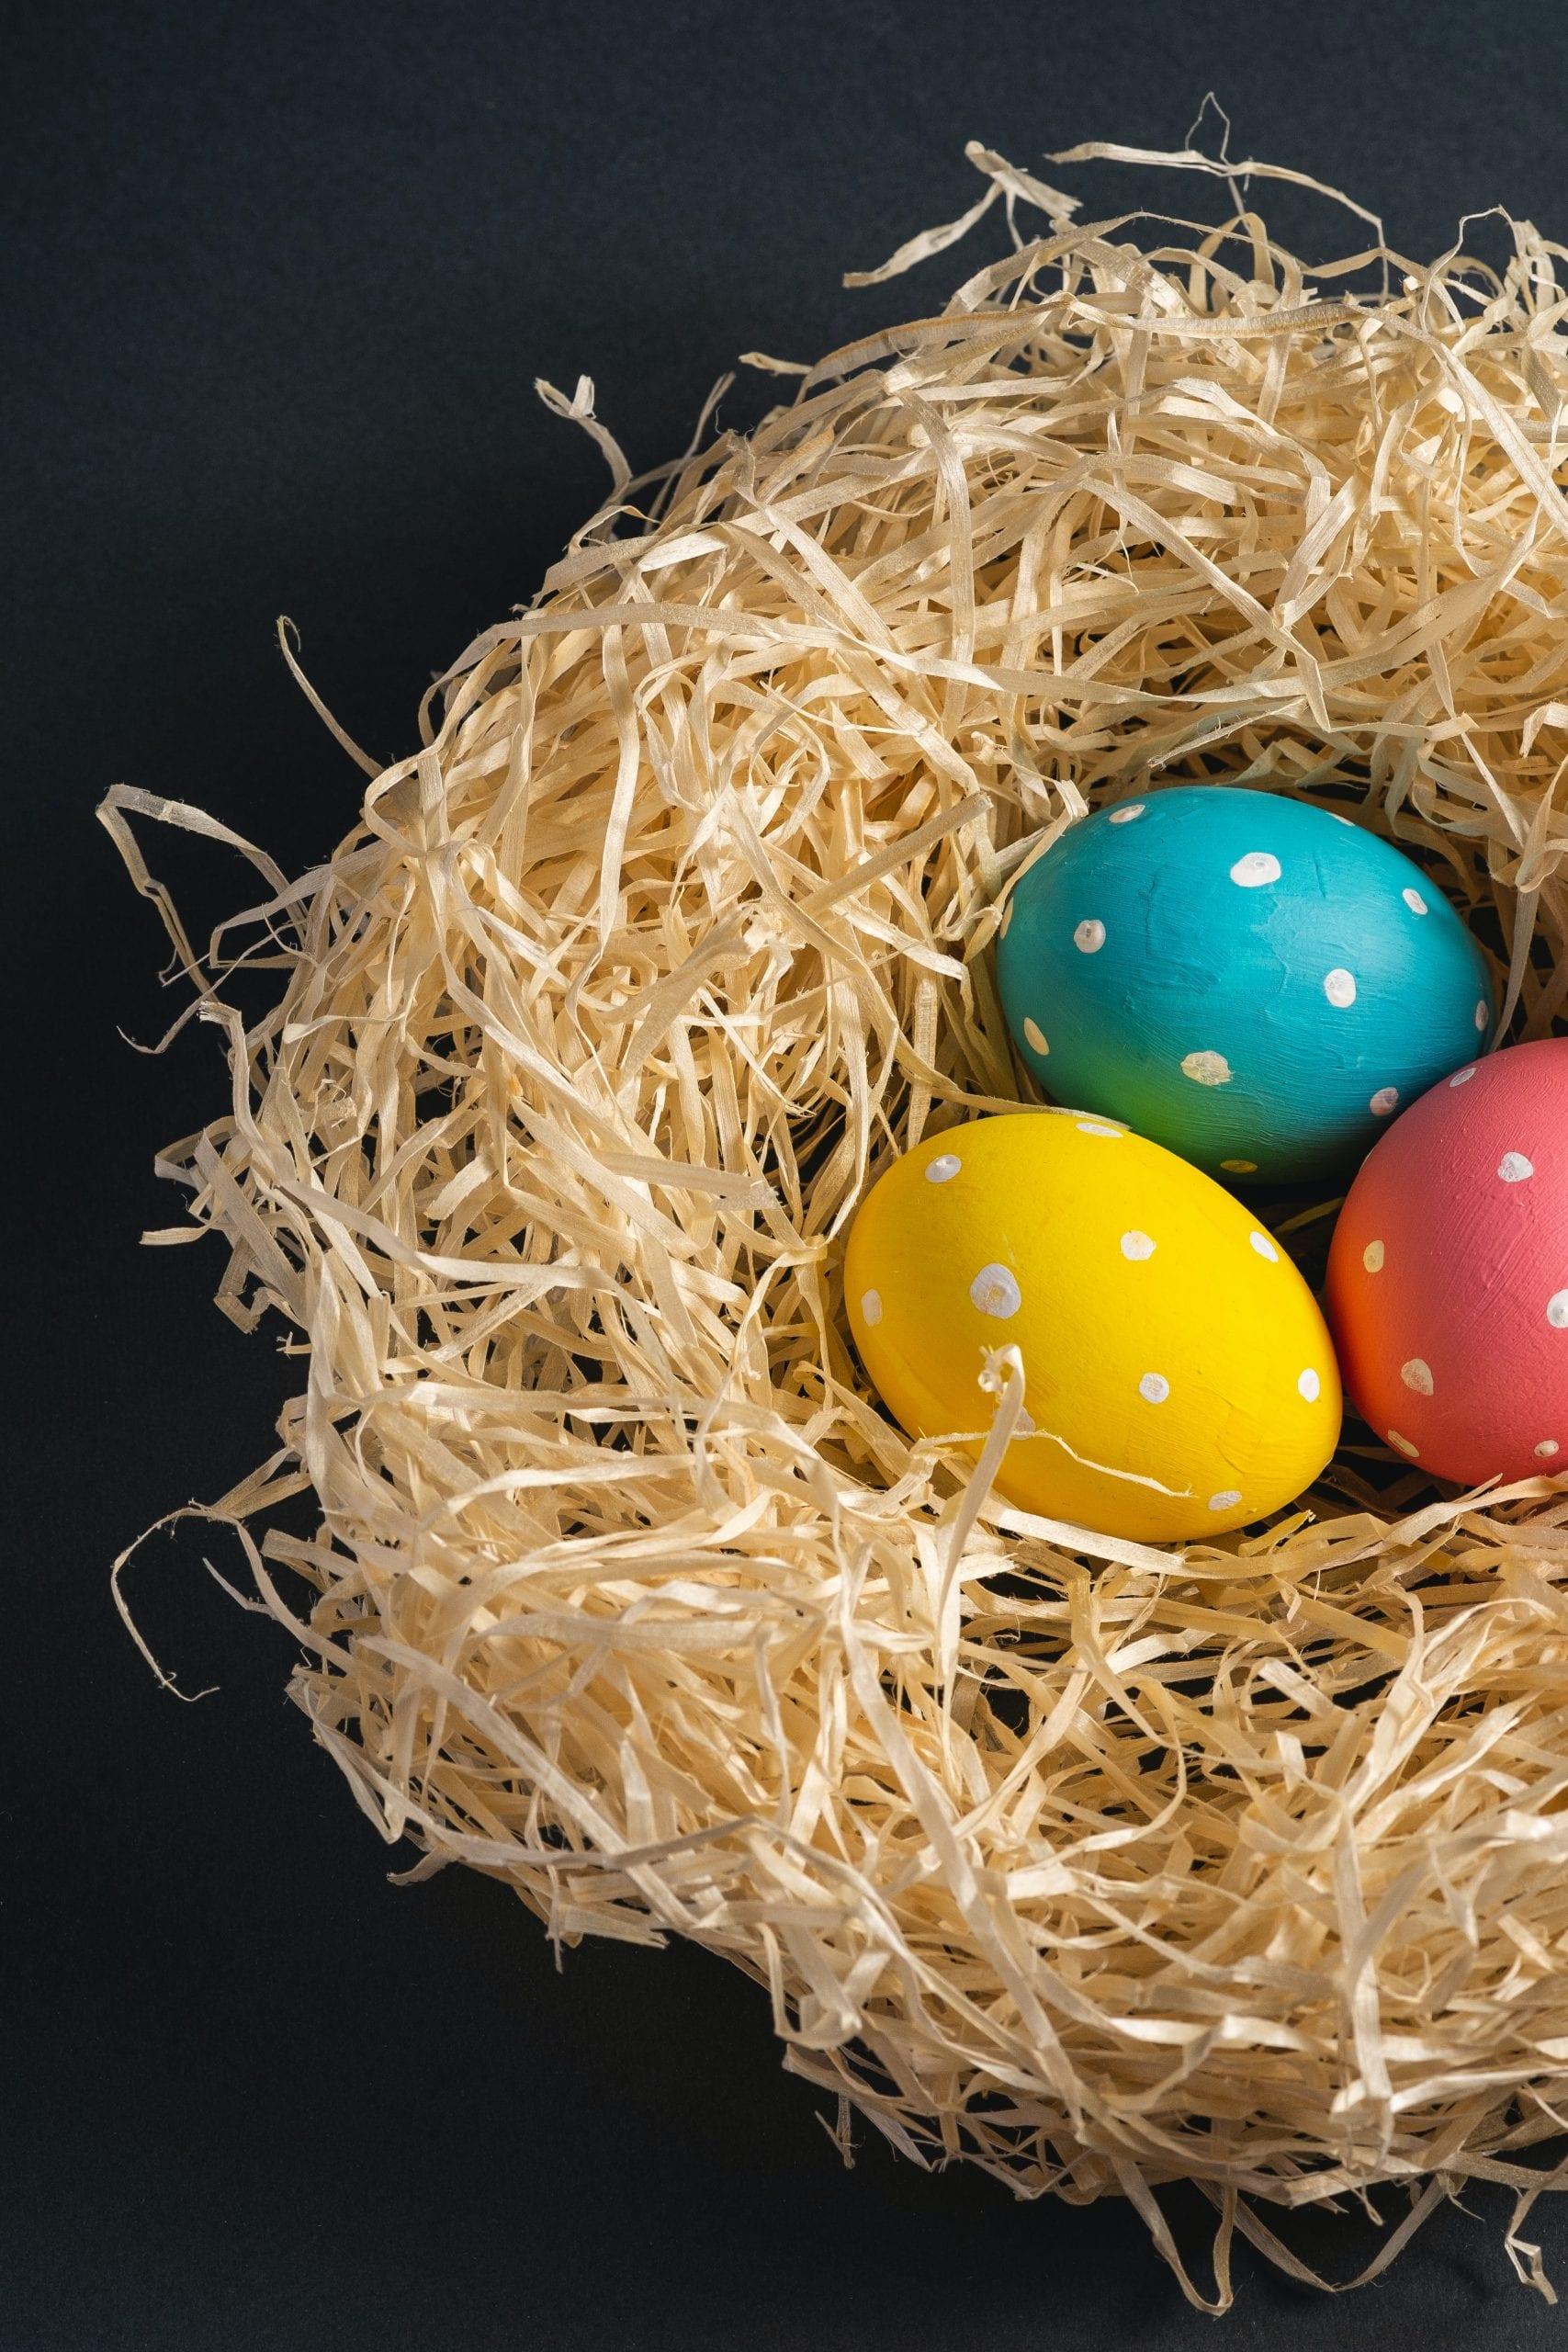 Как да сварим и боядисаме яйцата за Великден - как да сварим и боядисаме яйцата за Великден